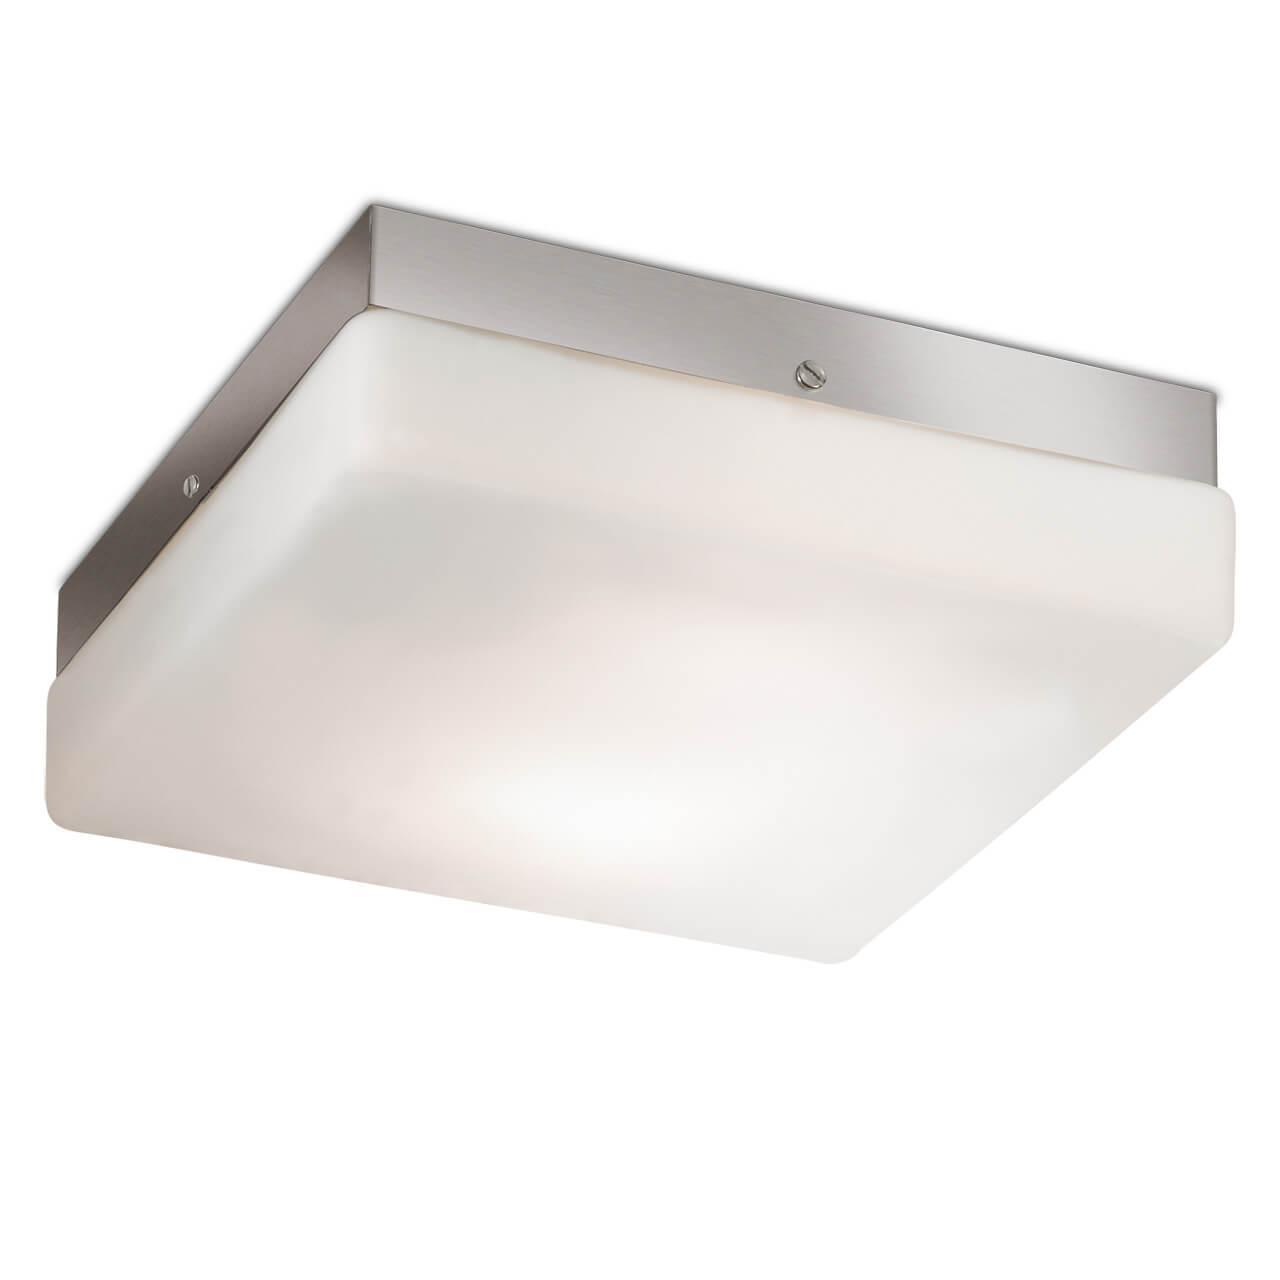 Накладной светильник Odeon Light 2406/1C, E14, 60 Вт цена